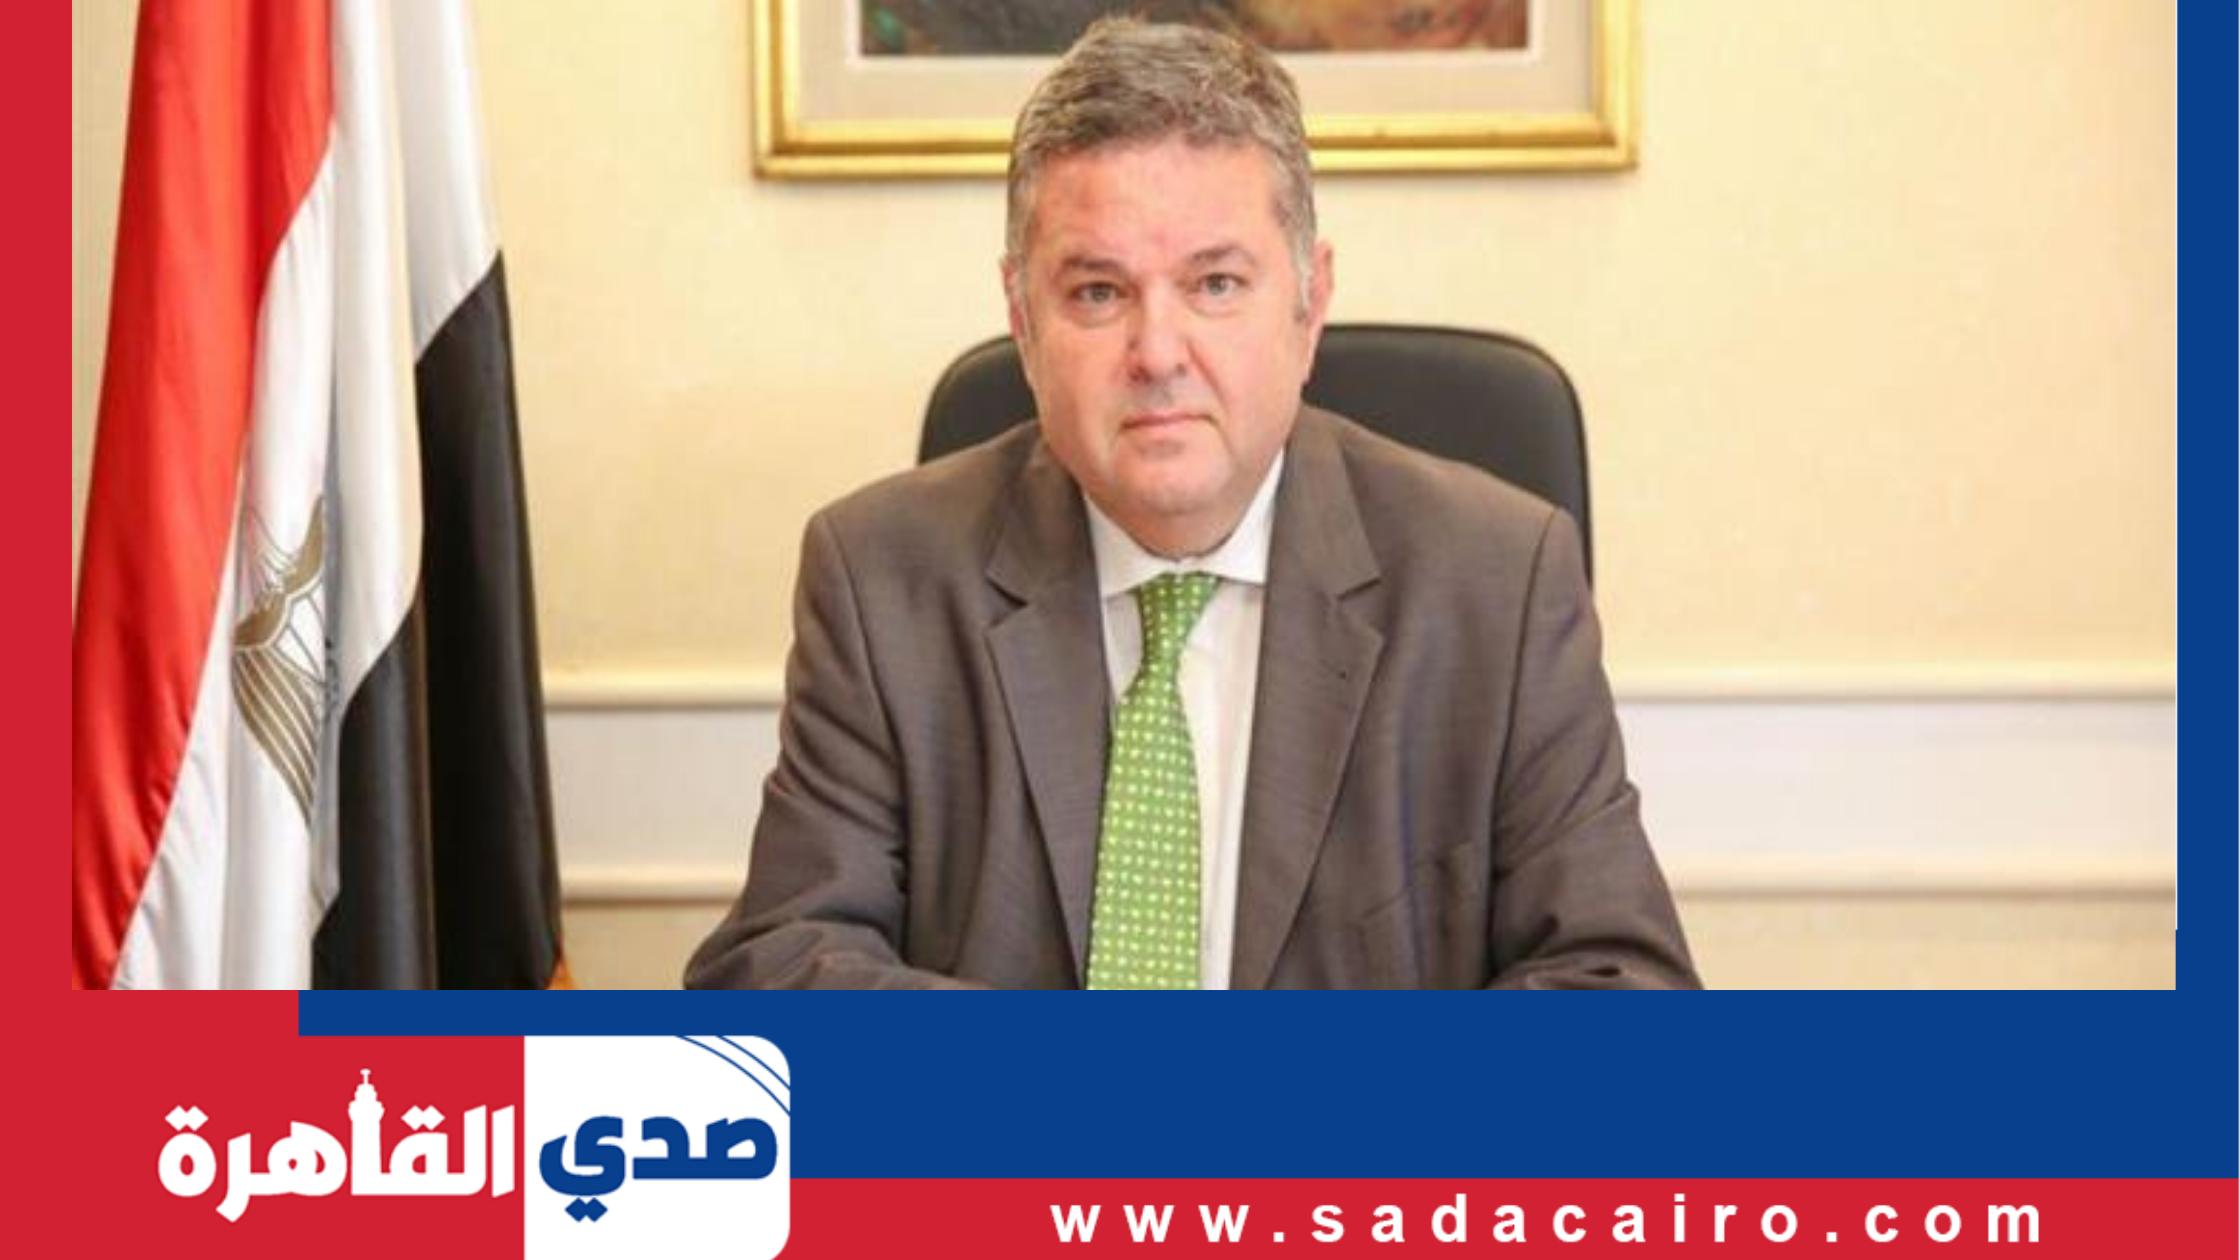 تصريح من وزير قطاع الأعمال حول مصنع الدلتا للأسمدة في السويس